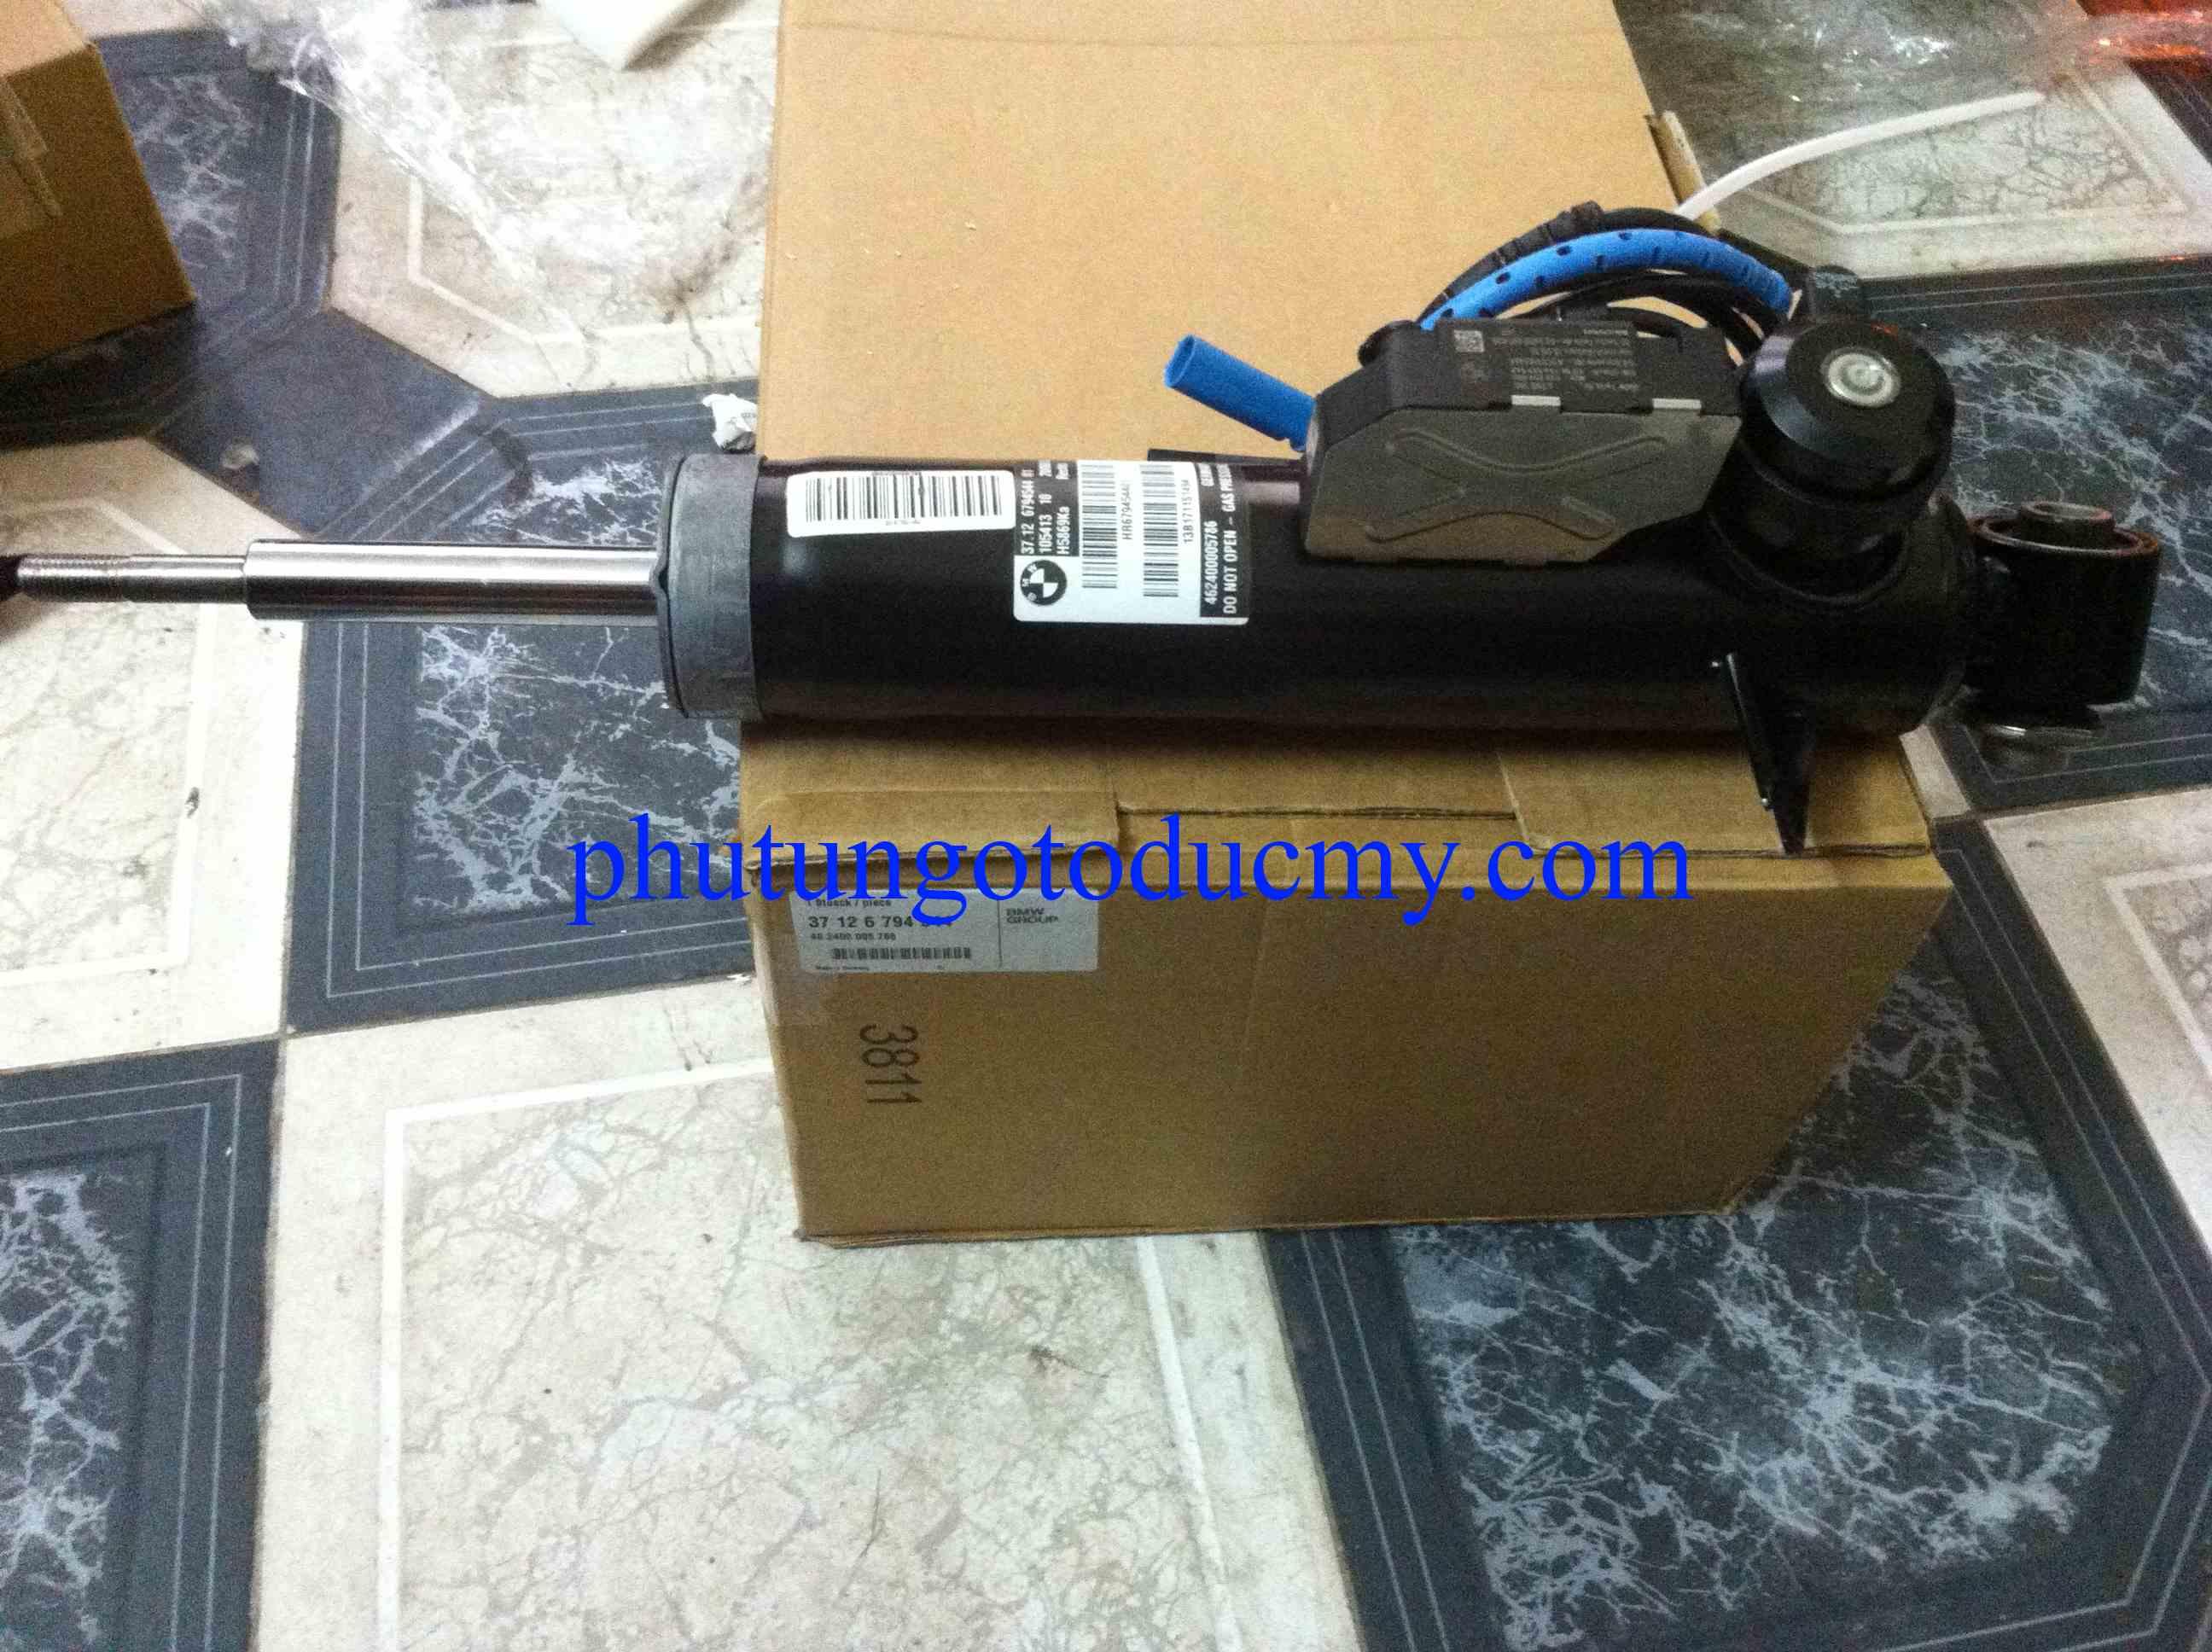 Giảm xóc sau Bmw X5 E70 chỉnh điện- 37126794544